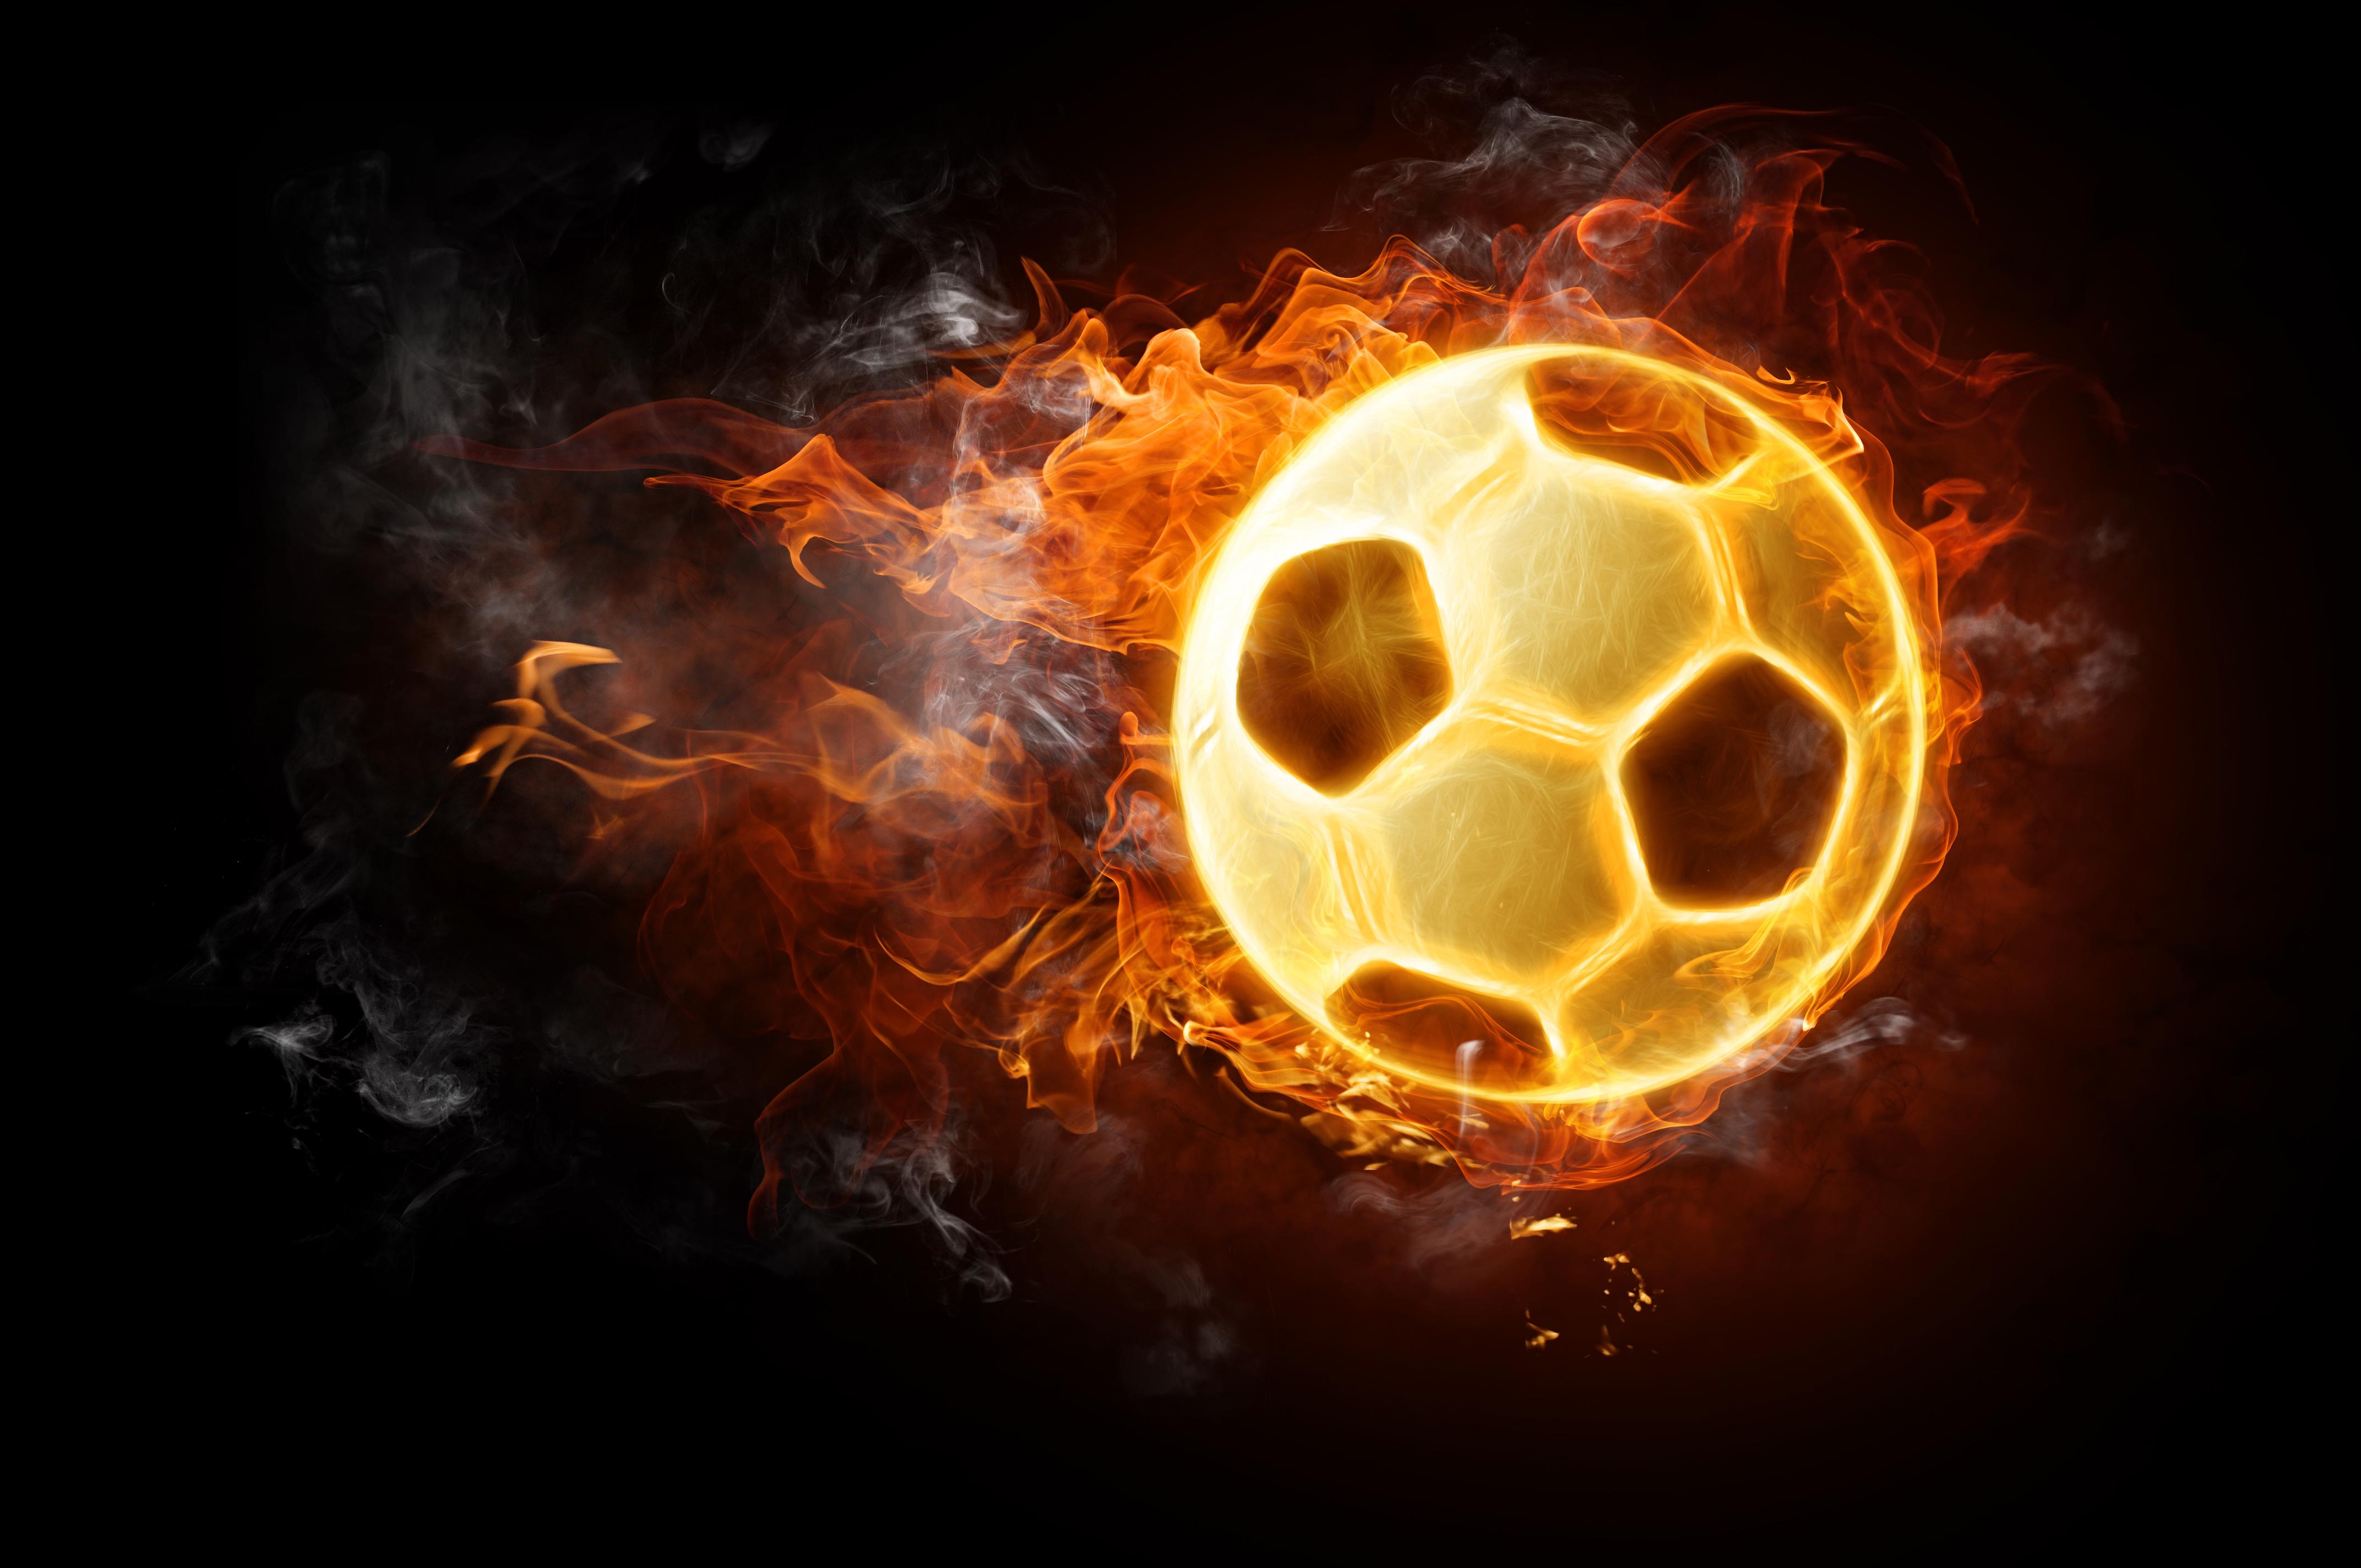 Звериный футбол  № 3148787 бесплатно